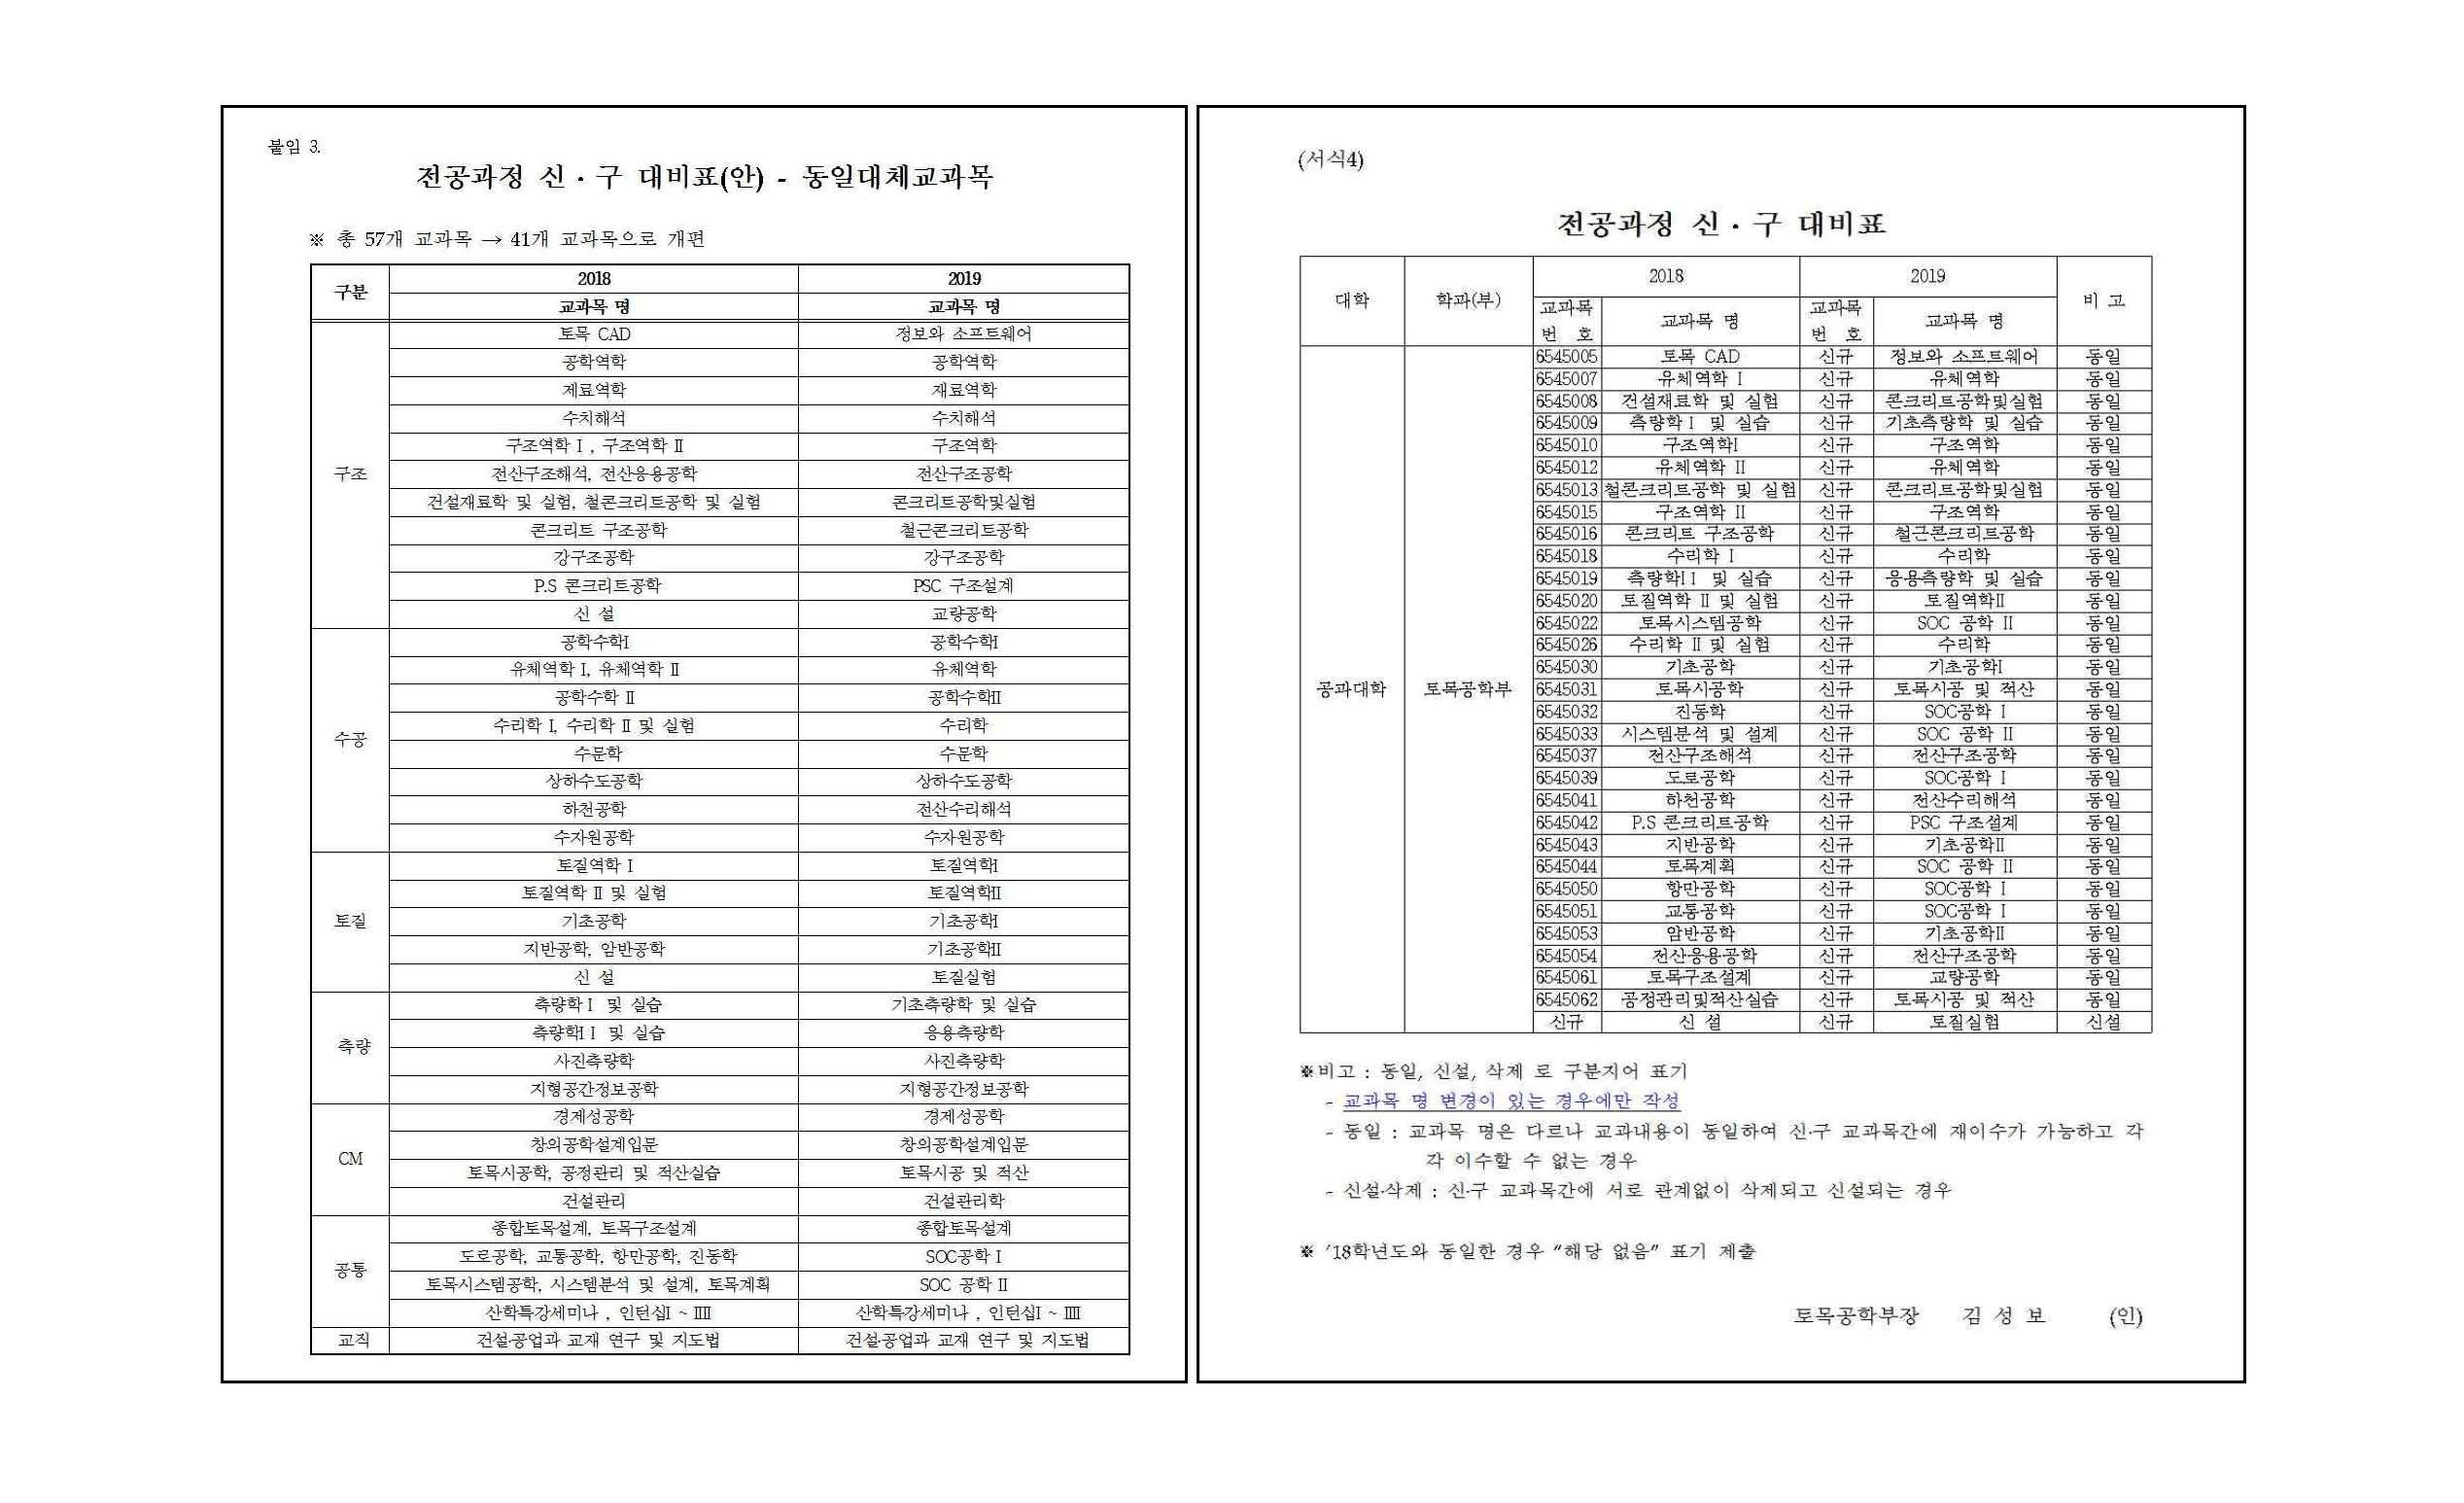 2019년 토목공학부 전공 신구대비표.jpg